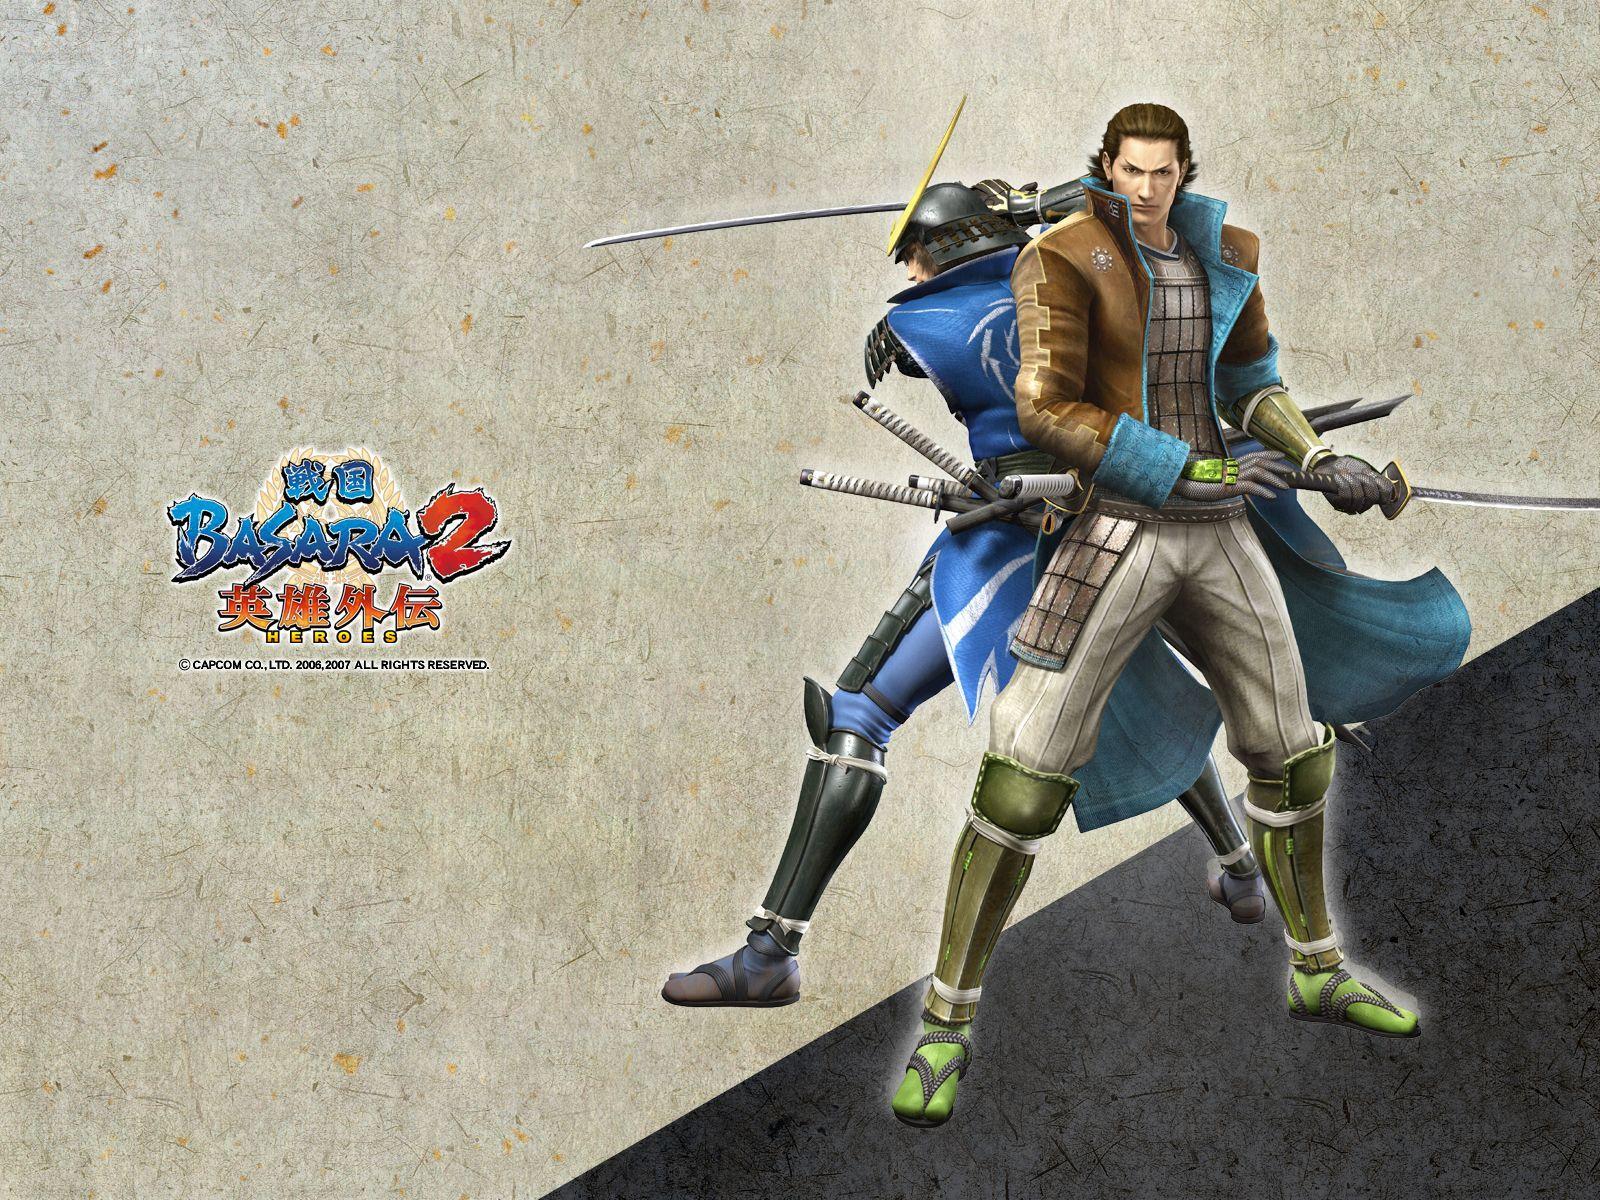 sengoku basara 2 heroes wallpapers wallpaper cave